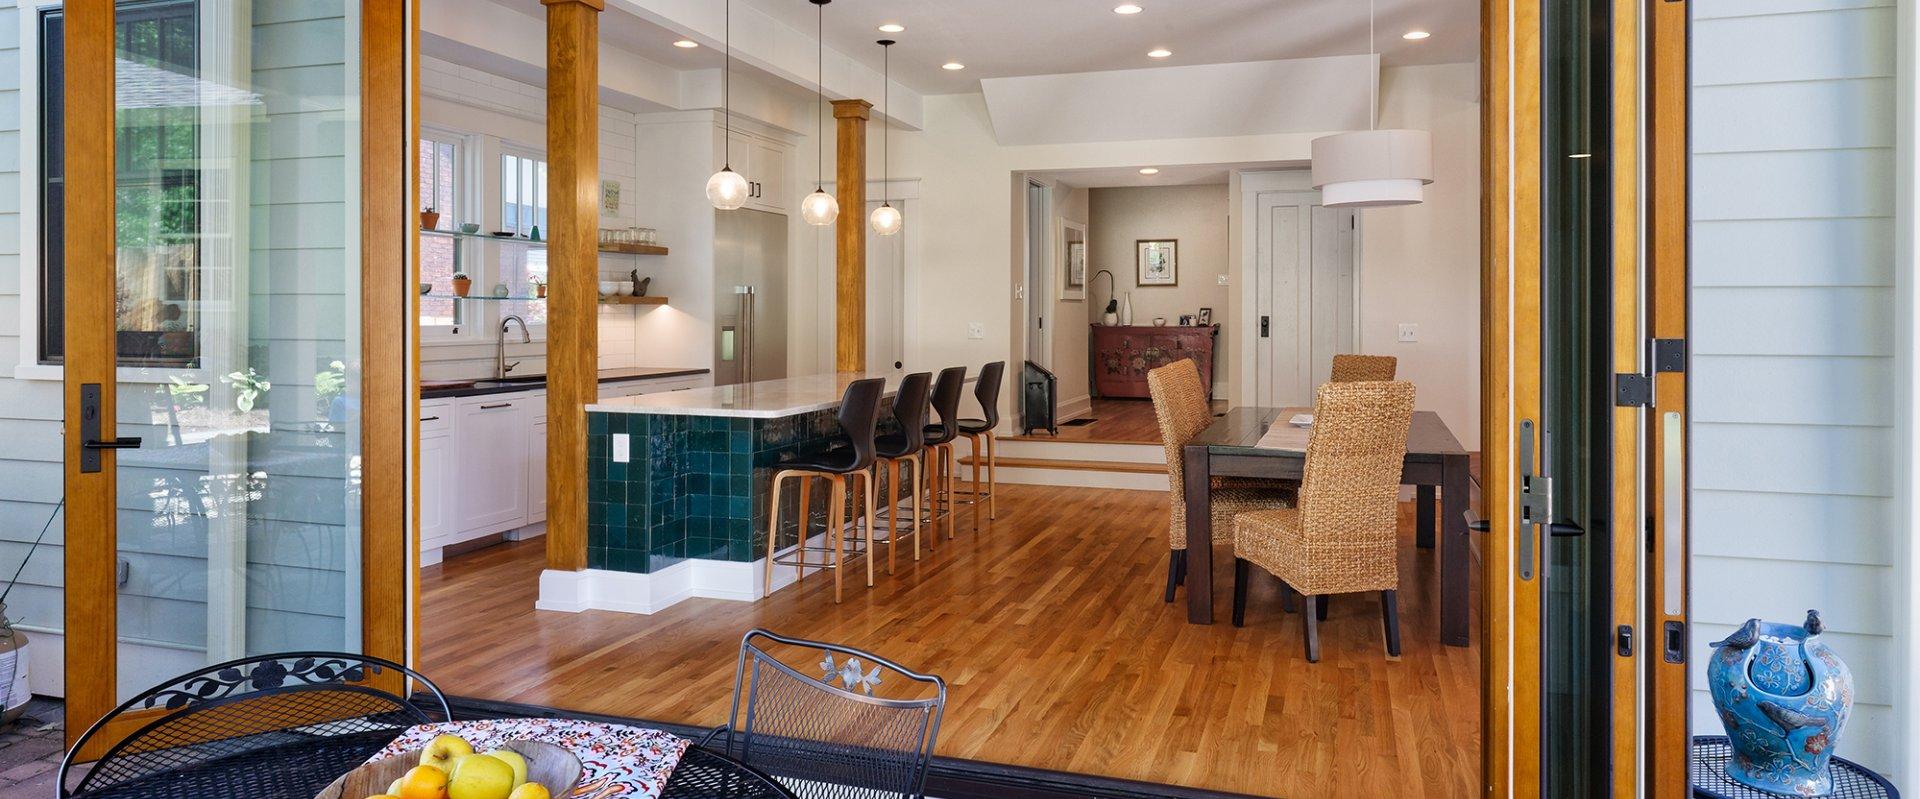 residential Architecture kitchen family room Wilcox Architecture Cincinnati